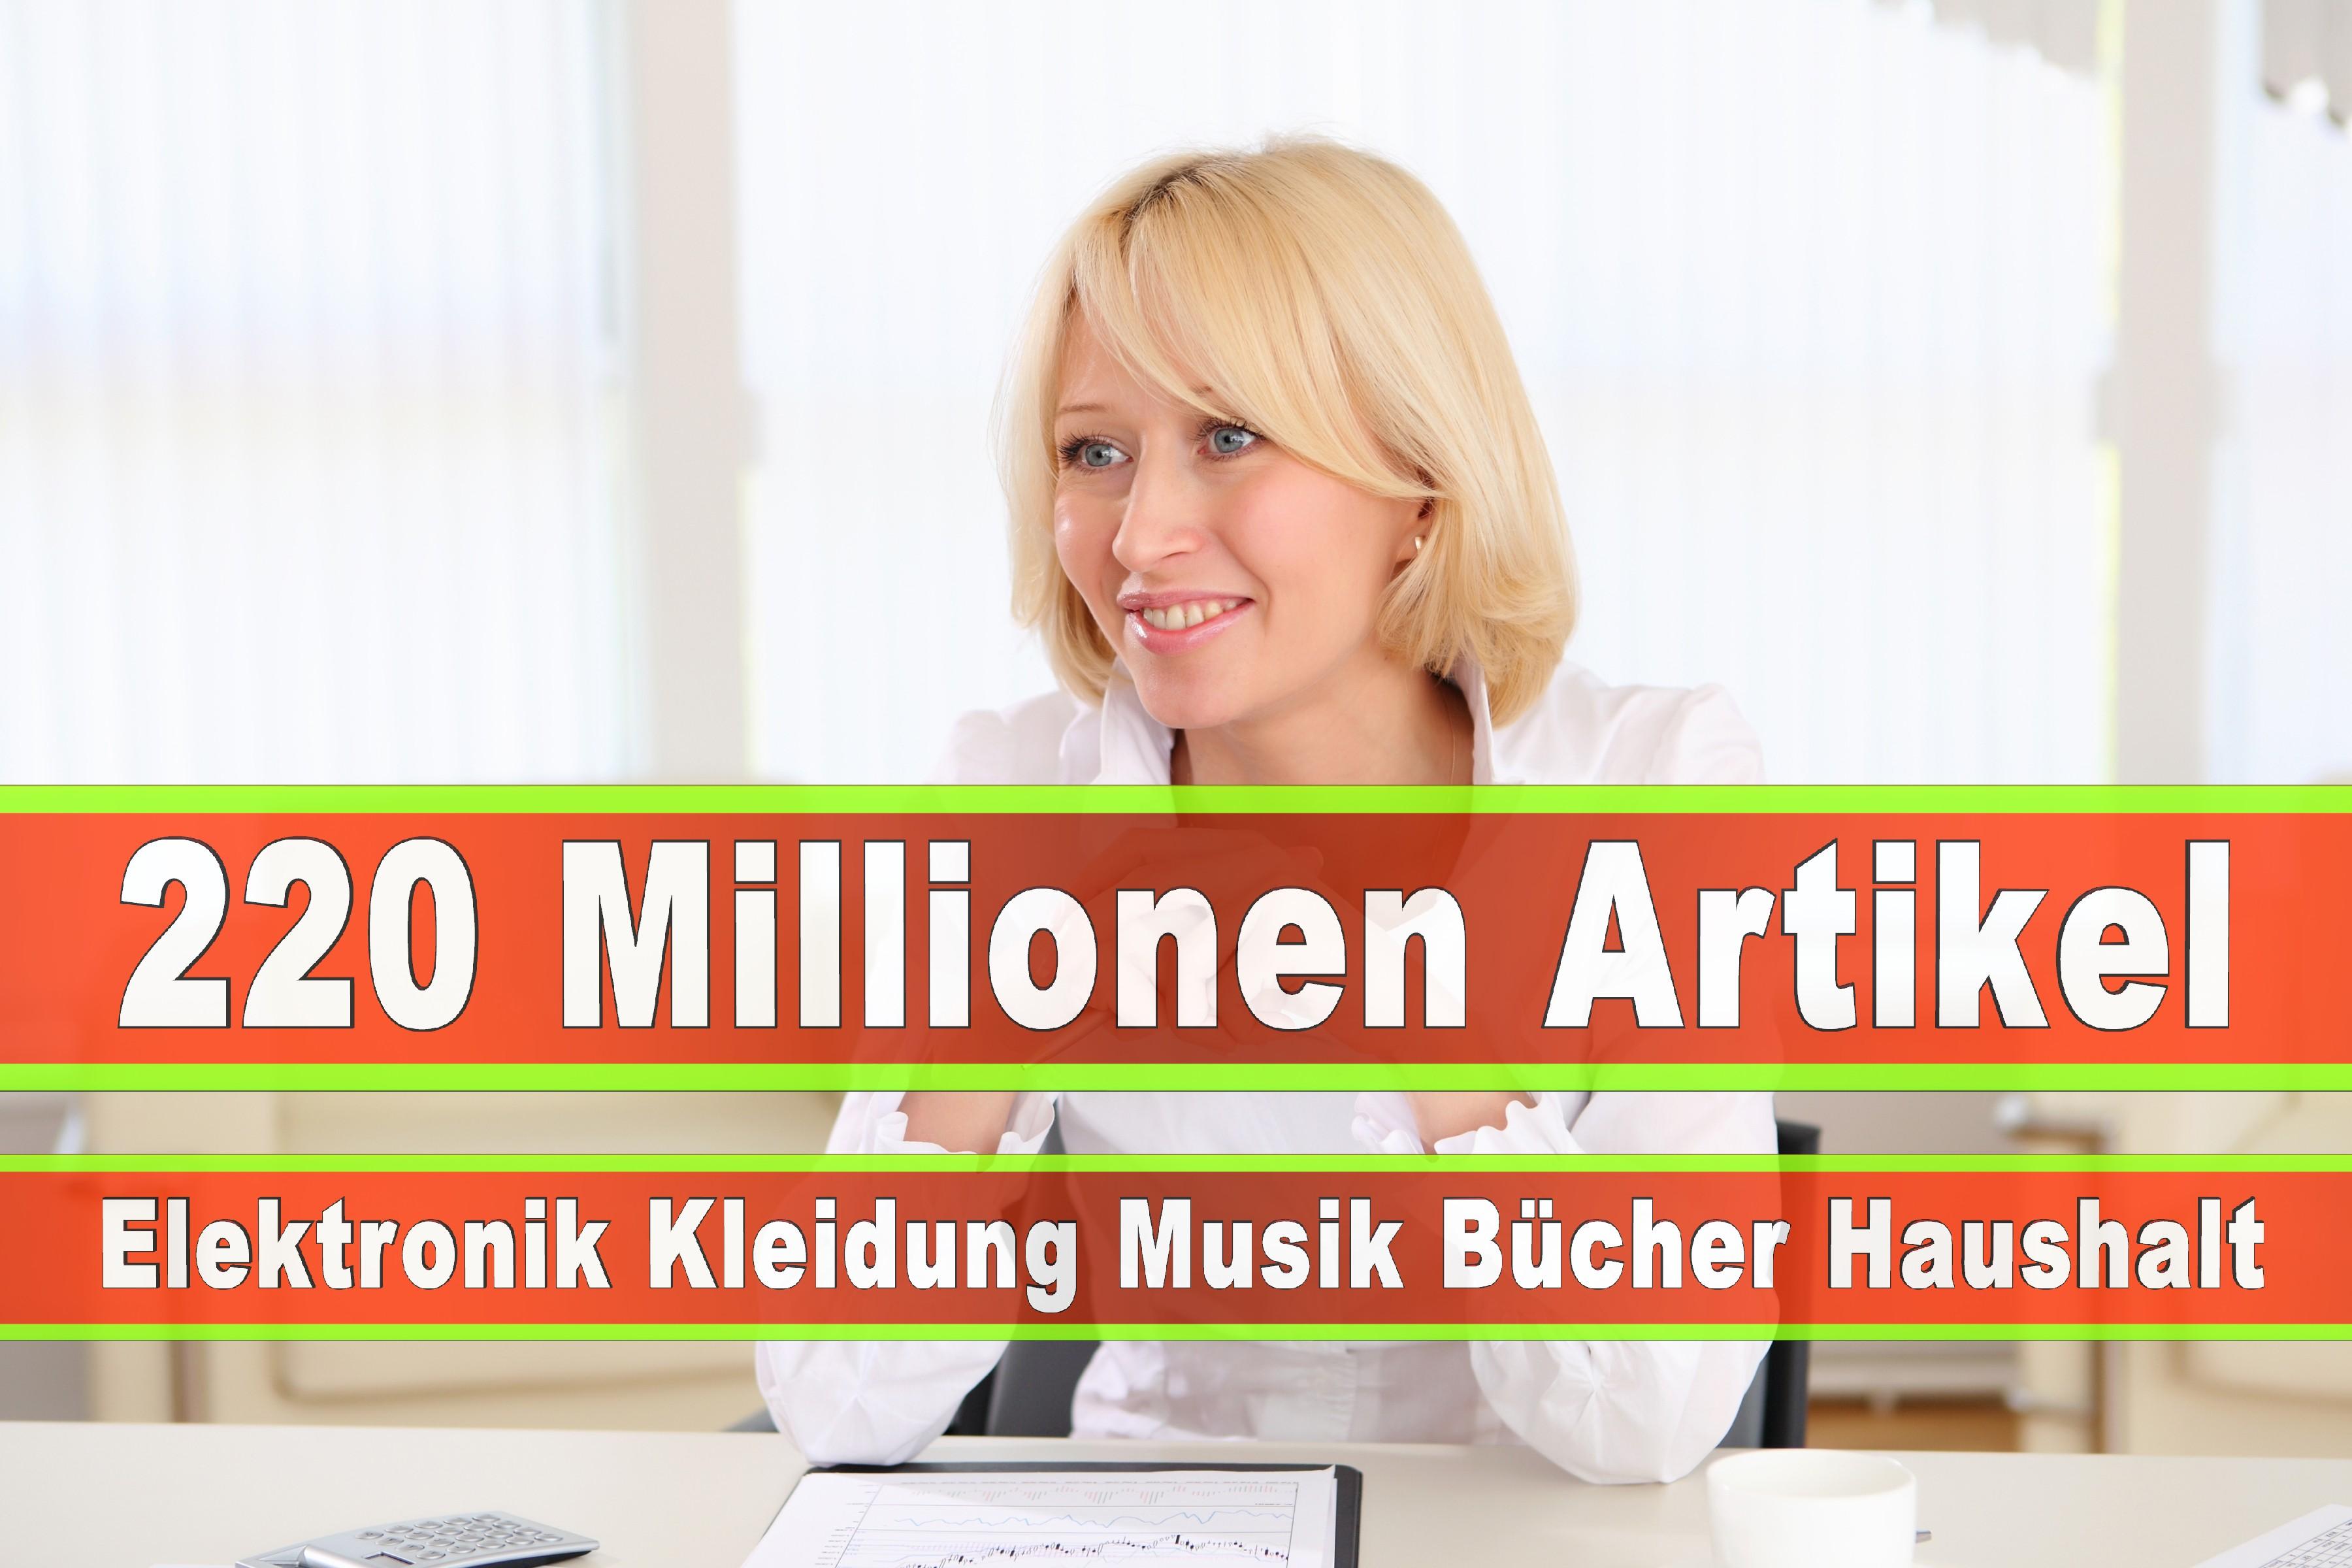 Amazon Elektronik Musik Haushalt Bücher CD DVD Handys Smartphones TV Television Fernseher Kleidung Mode Ebay Versandhaus (126)